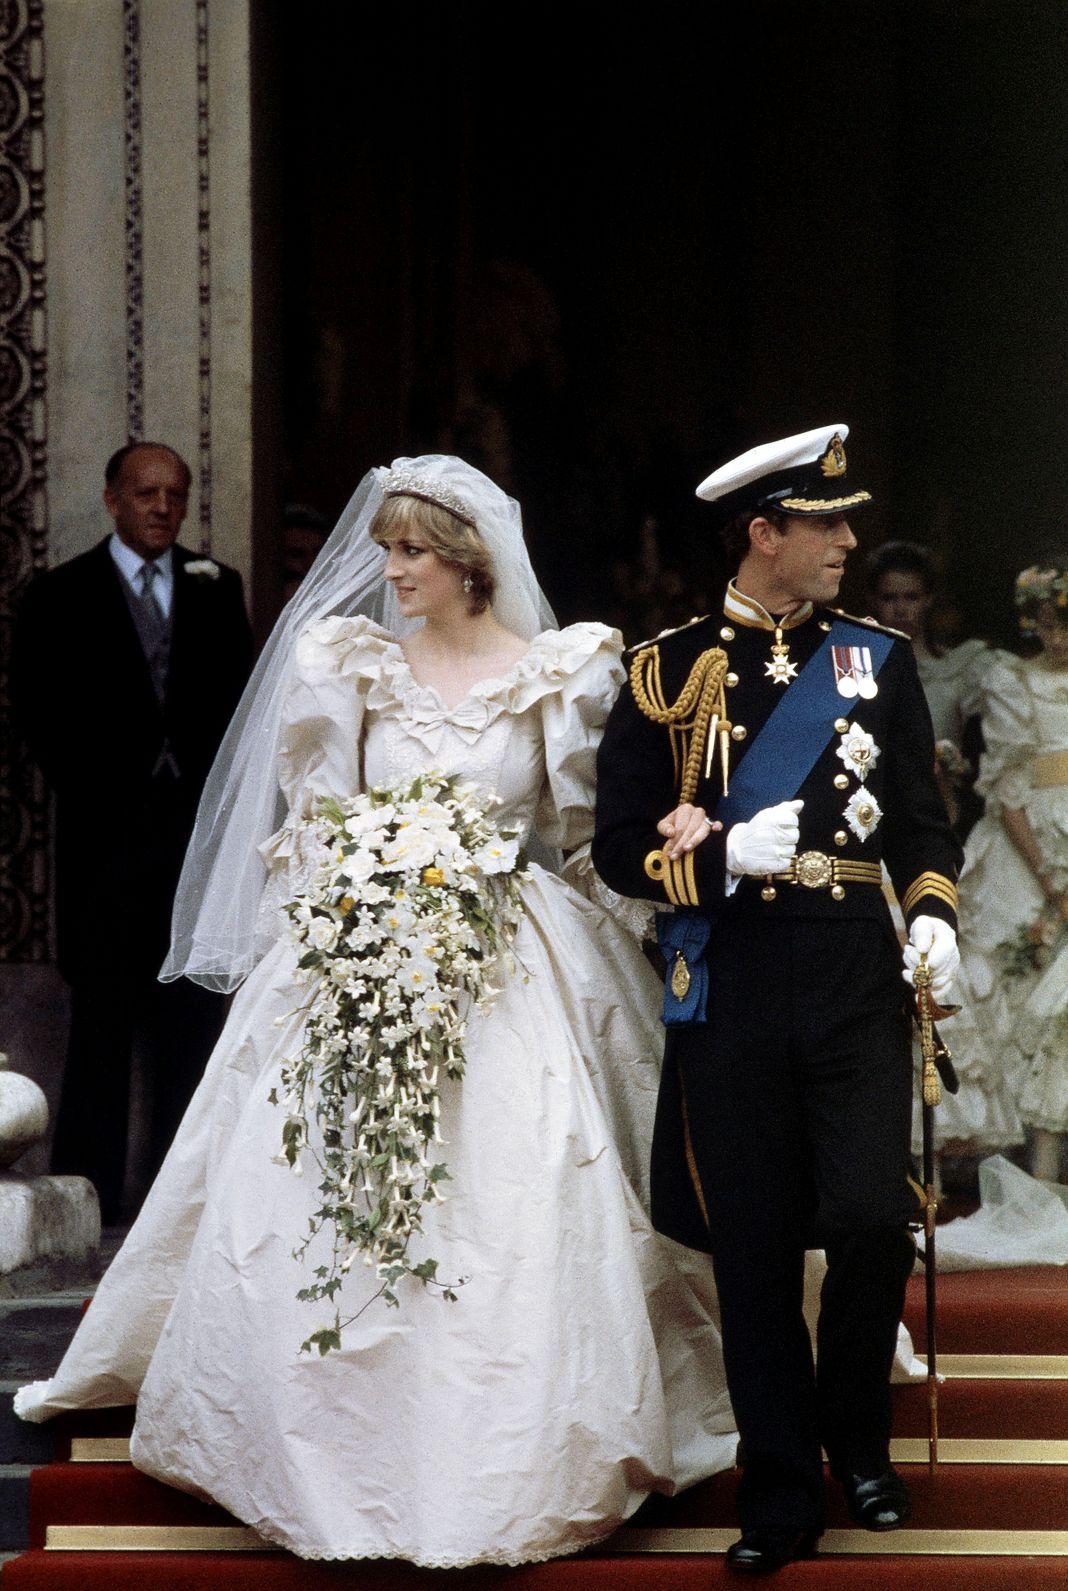 Принц Чарльз и леди Диана Спенсер в соборе Святого Павла в Лондоне